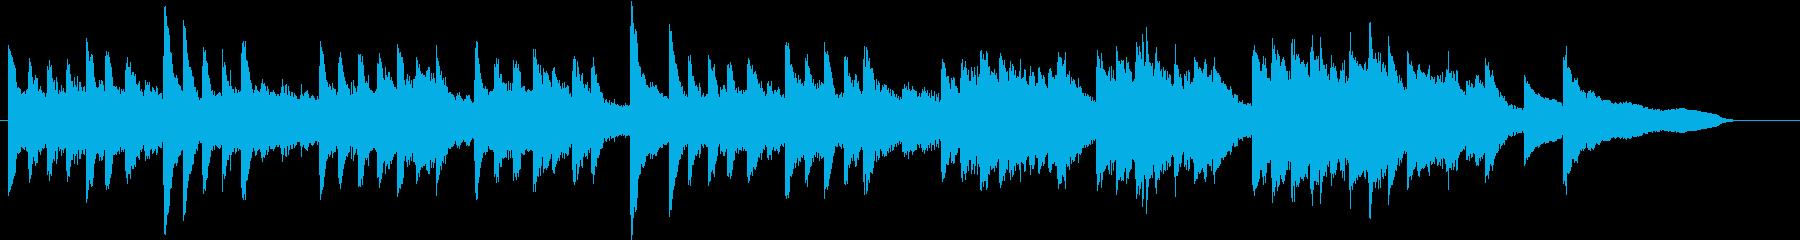 童謡・虫のこえモチーフのピアノジングルEの再生済みの波形